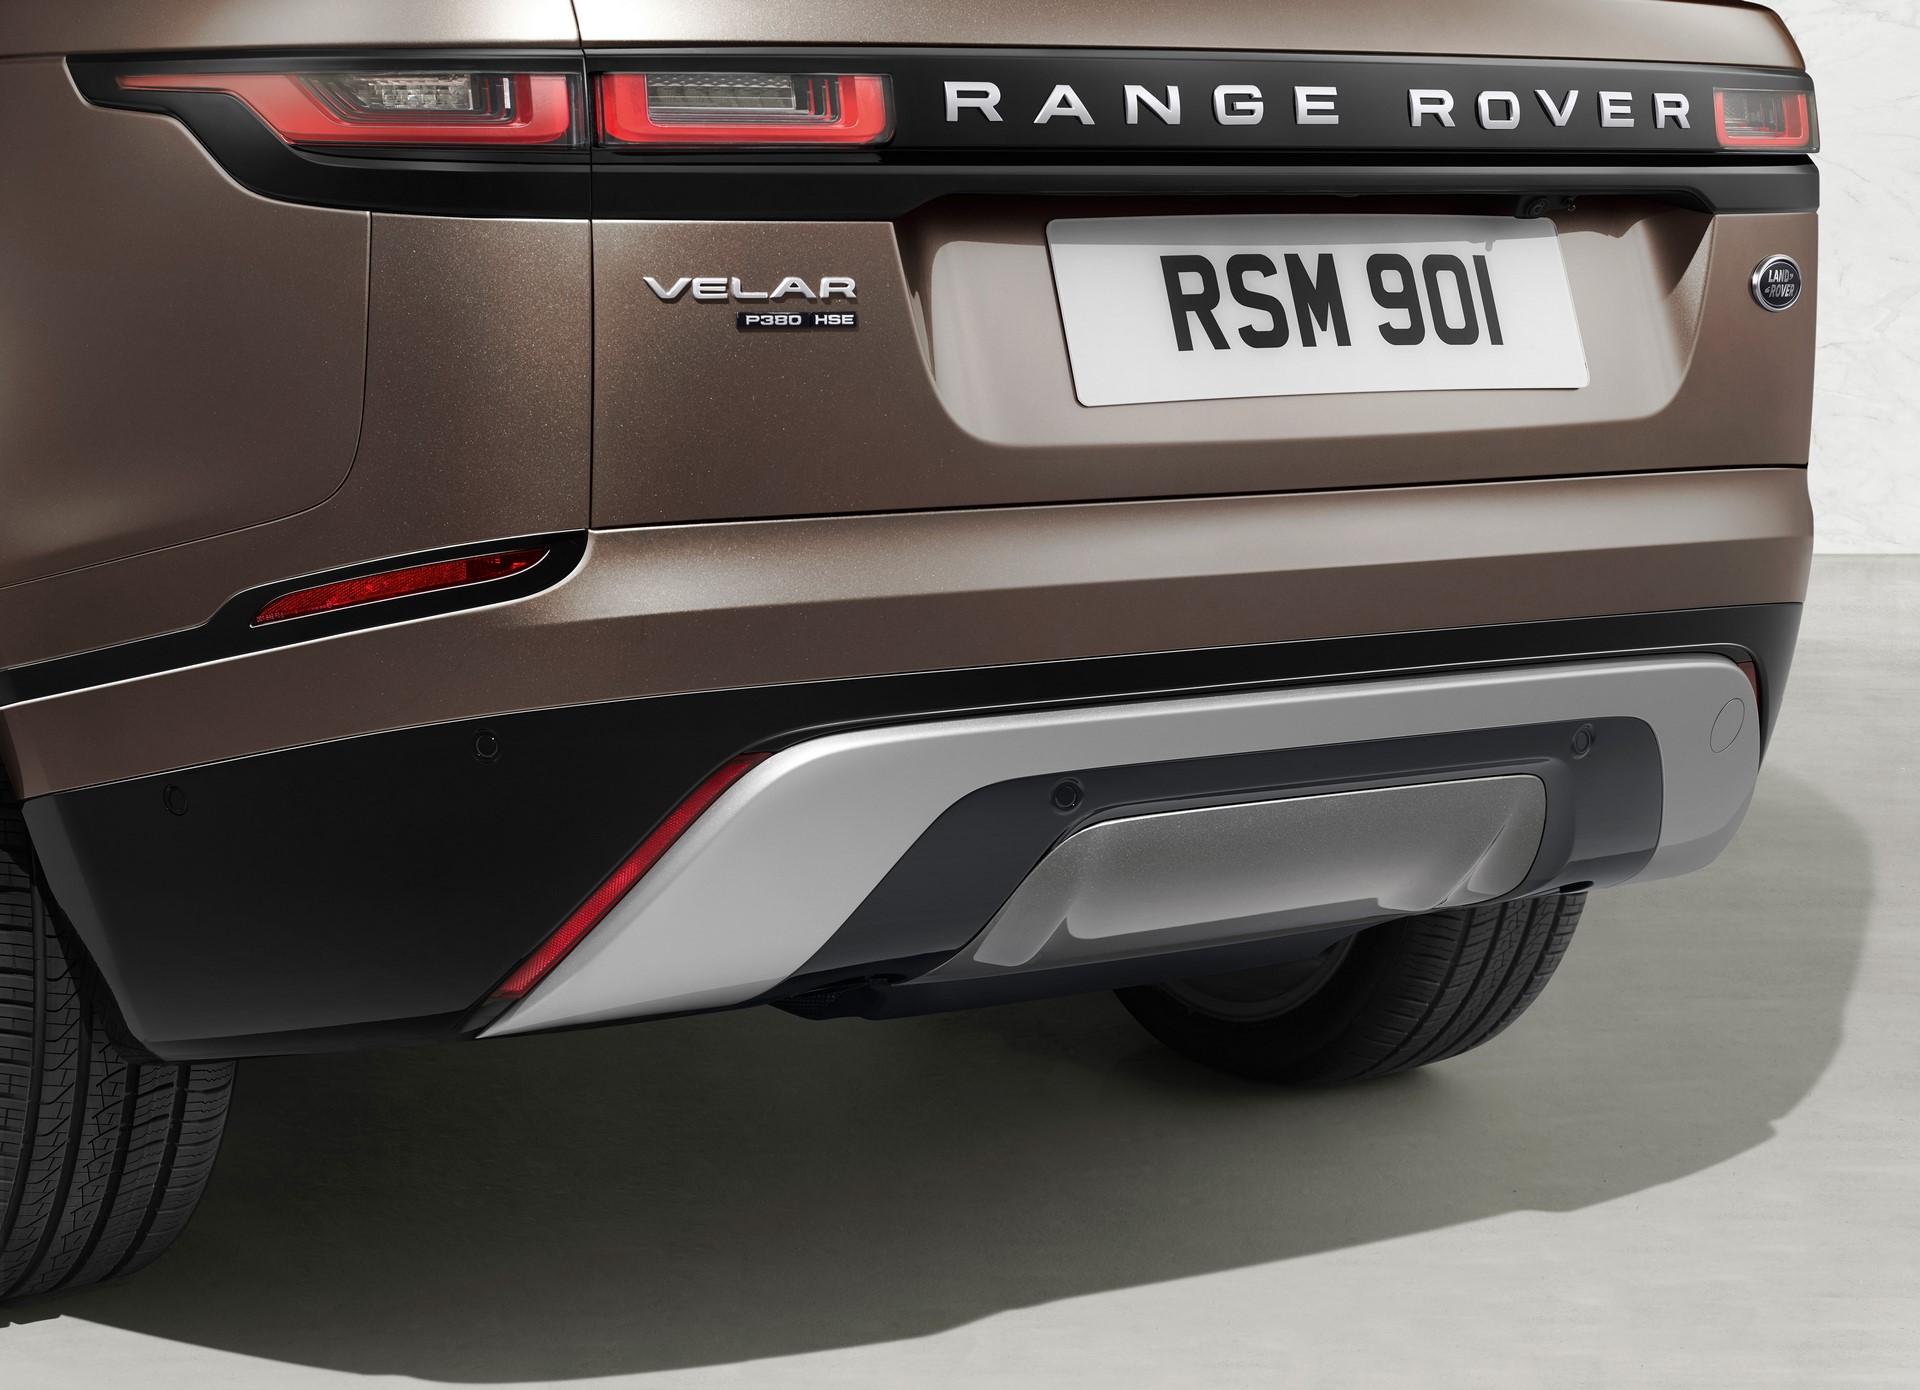 Range Rover Velar 2017 (17)